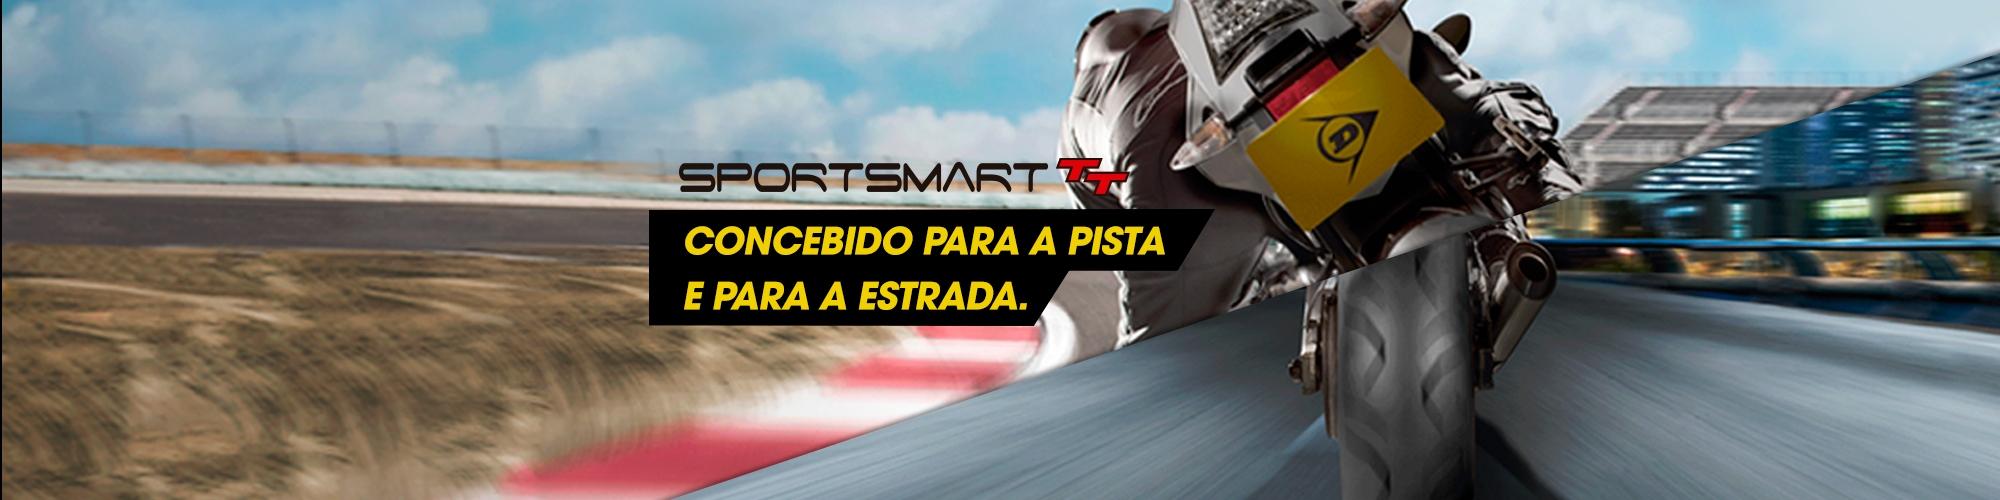 Sportsmart2 MAX | Dunlop PT